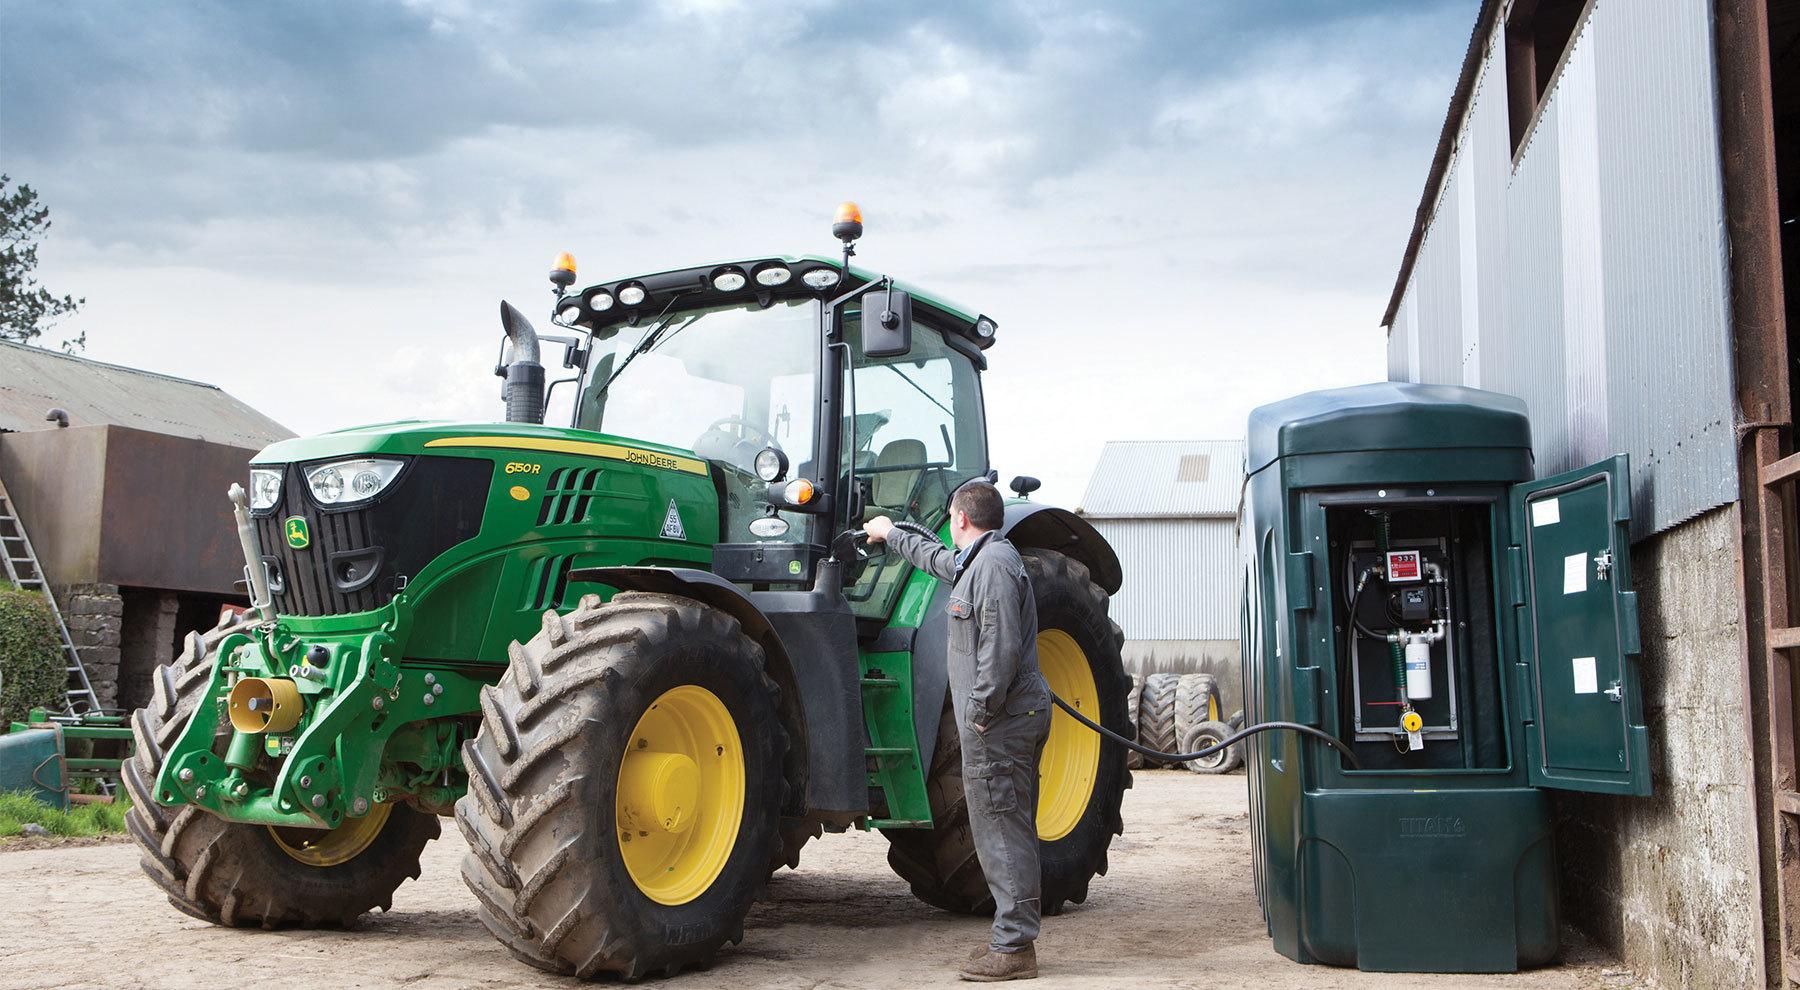 Трактор заправляют Дизельным топливом